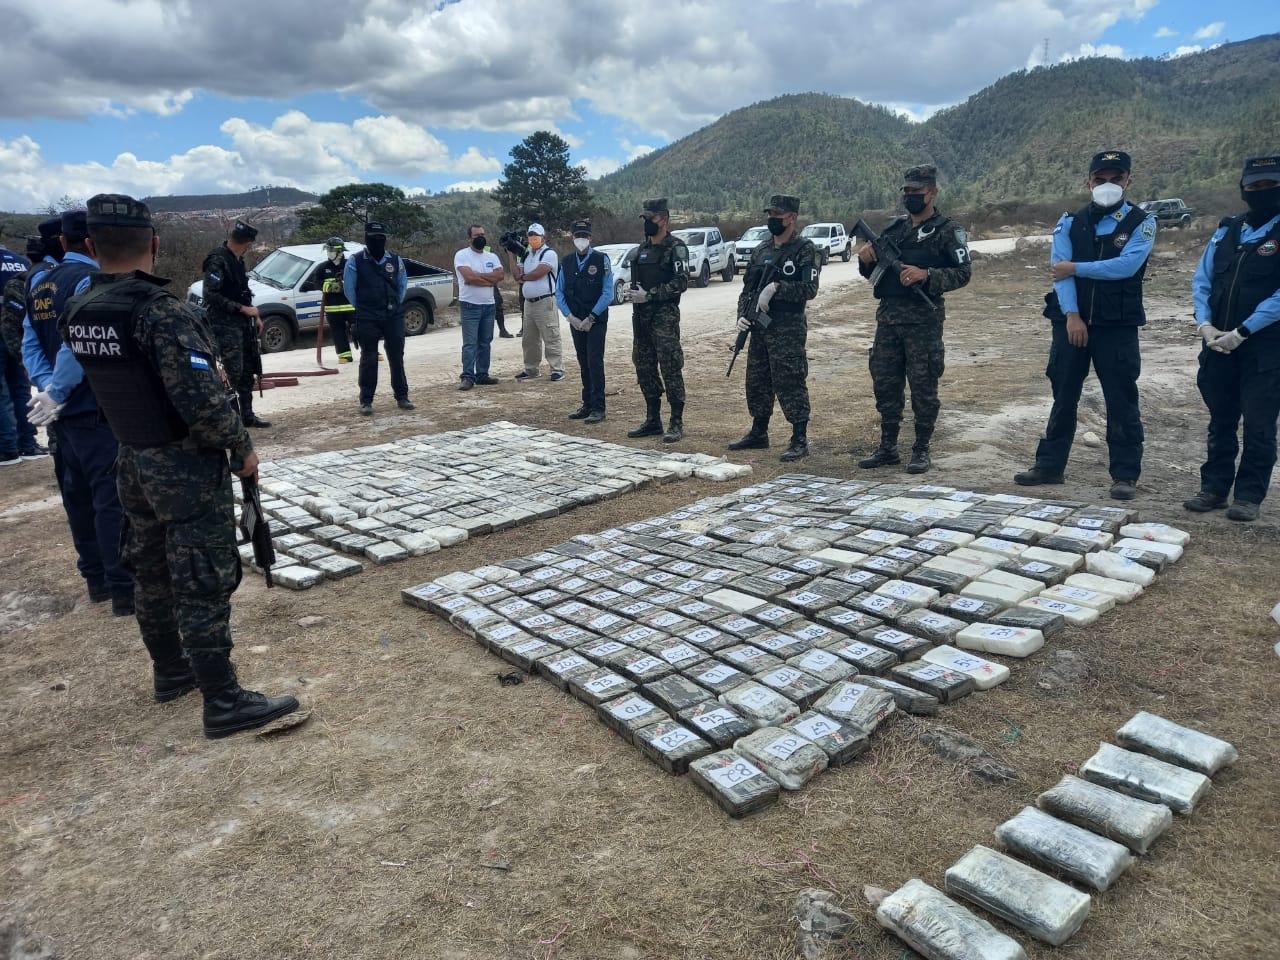 PMOP incinera mas de 300 kilos de cocaína, producto de los decomisos en las Zonas montañosas de la Mosquitia. (video)